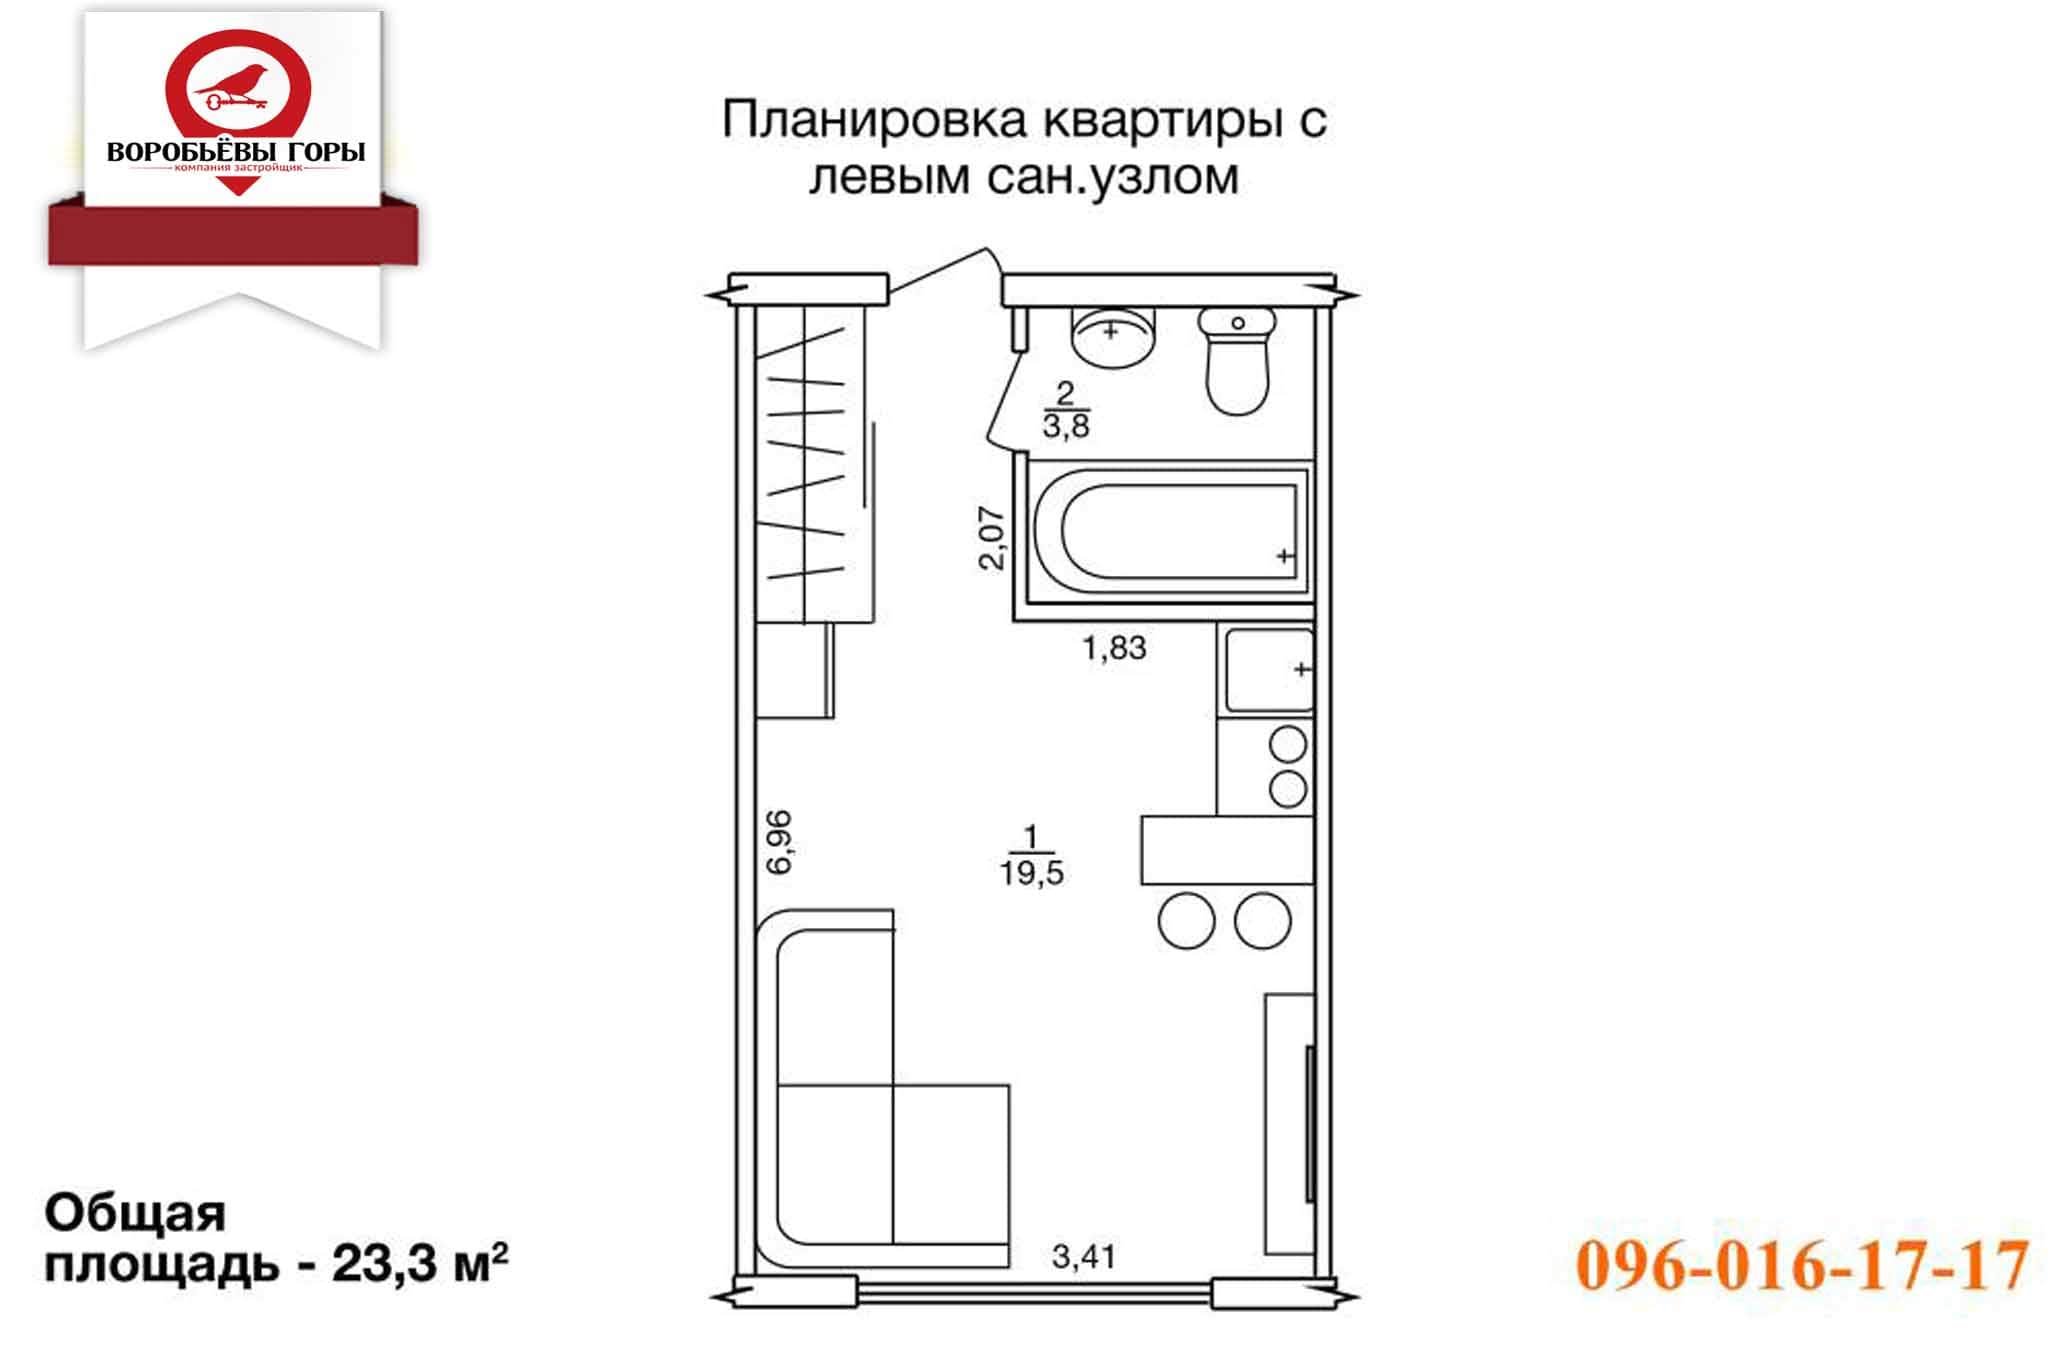 Только в ЖК «Воробьевы горы»: малогабаритные квартиры по акции!